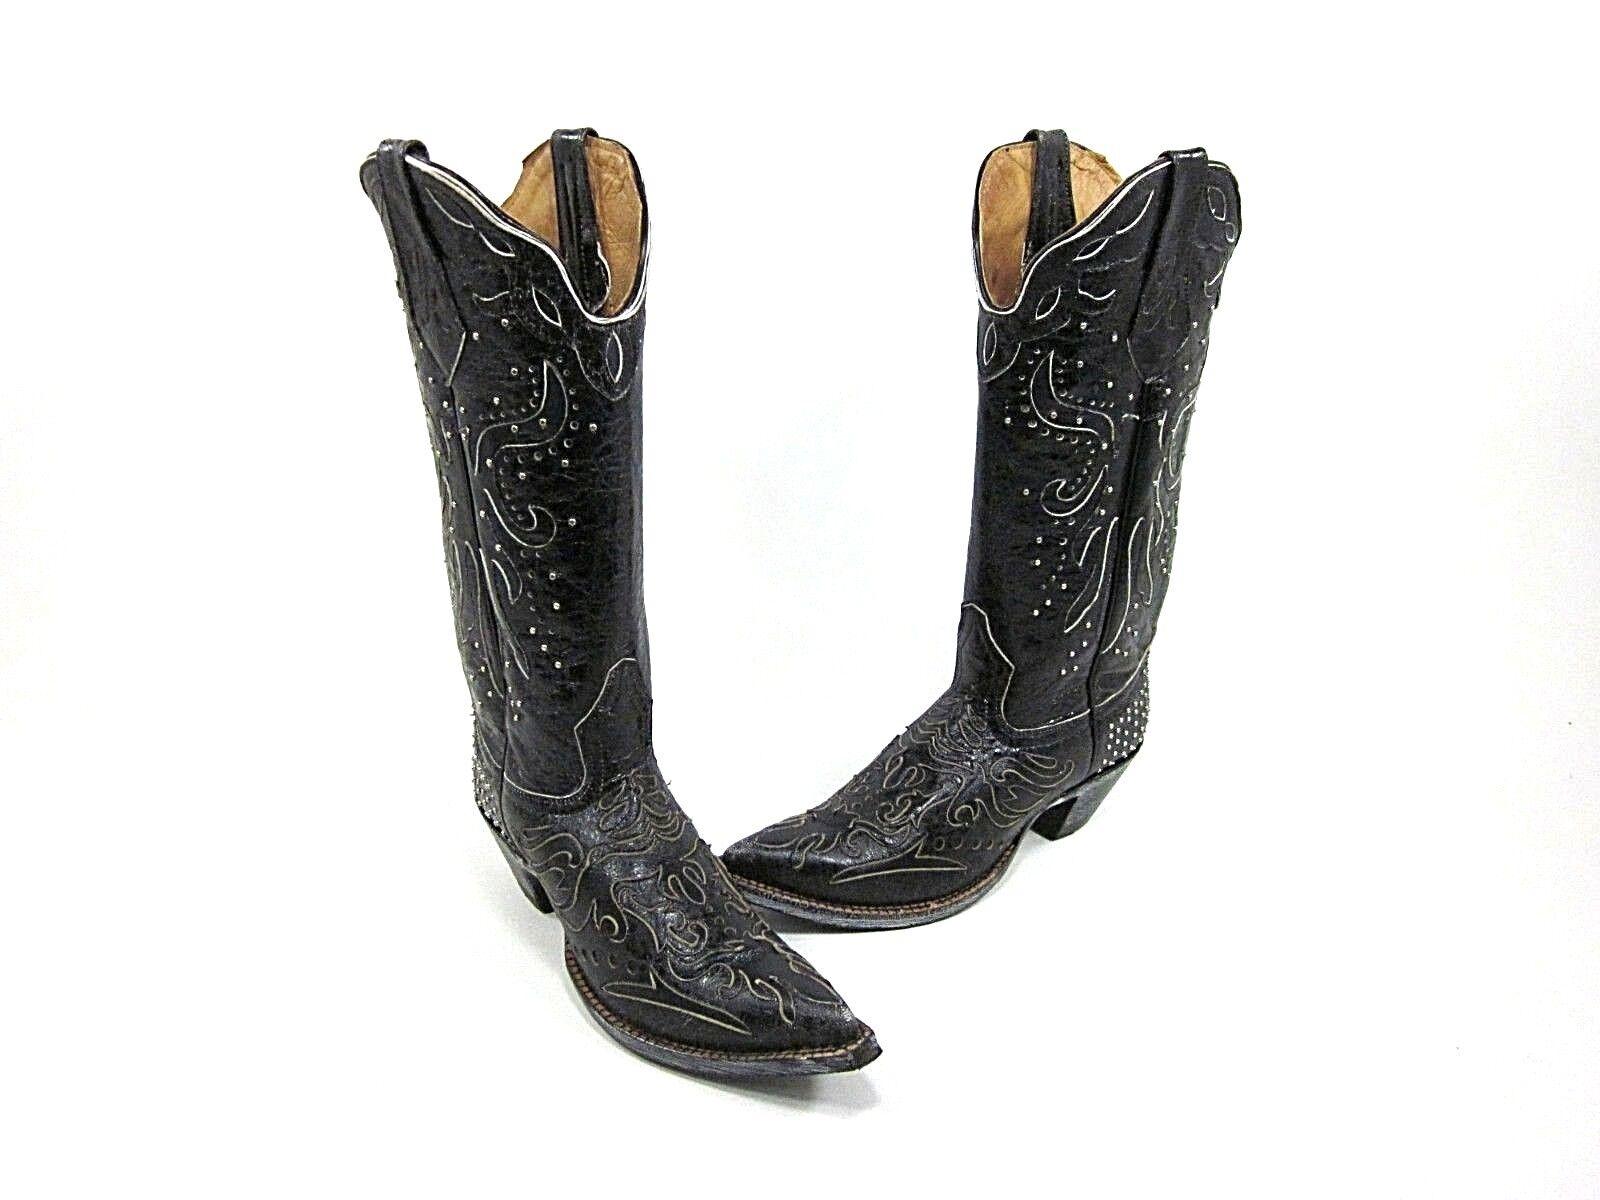 CINCH damen BRITTNEY WESTERN Stiefel, schwarz, US Größe 5, MEDIUM, NEW IN BOX